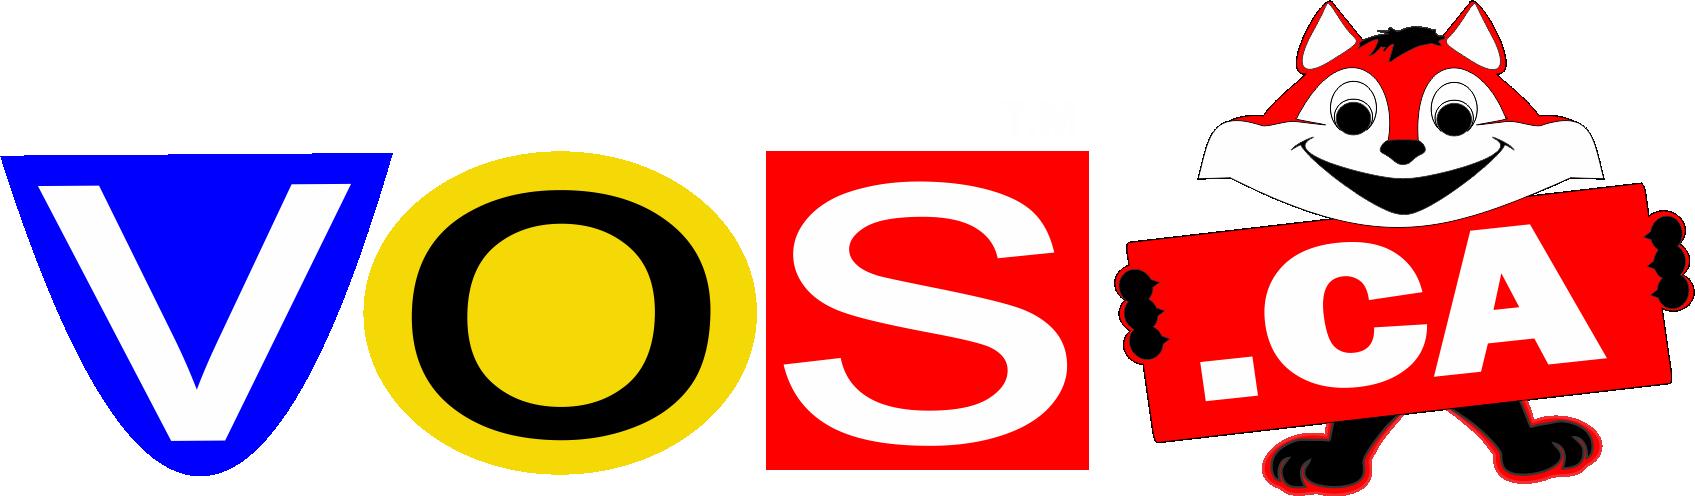 VOS.ca™